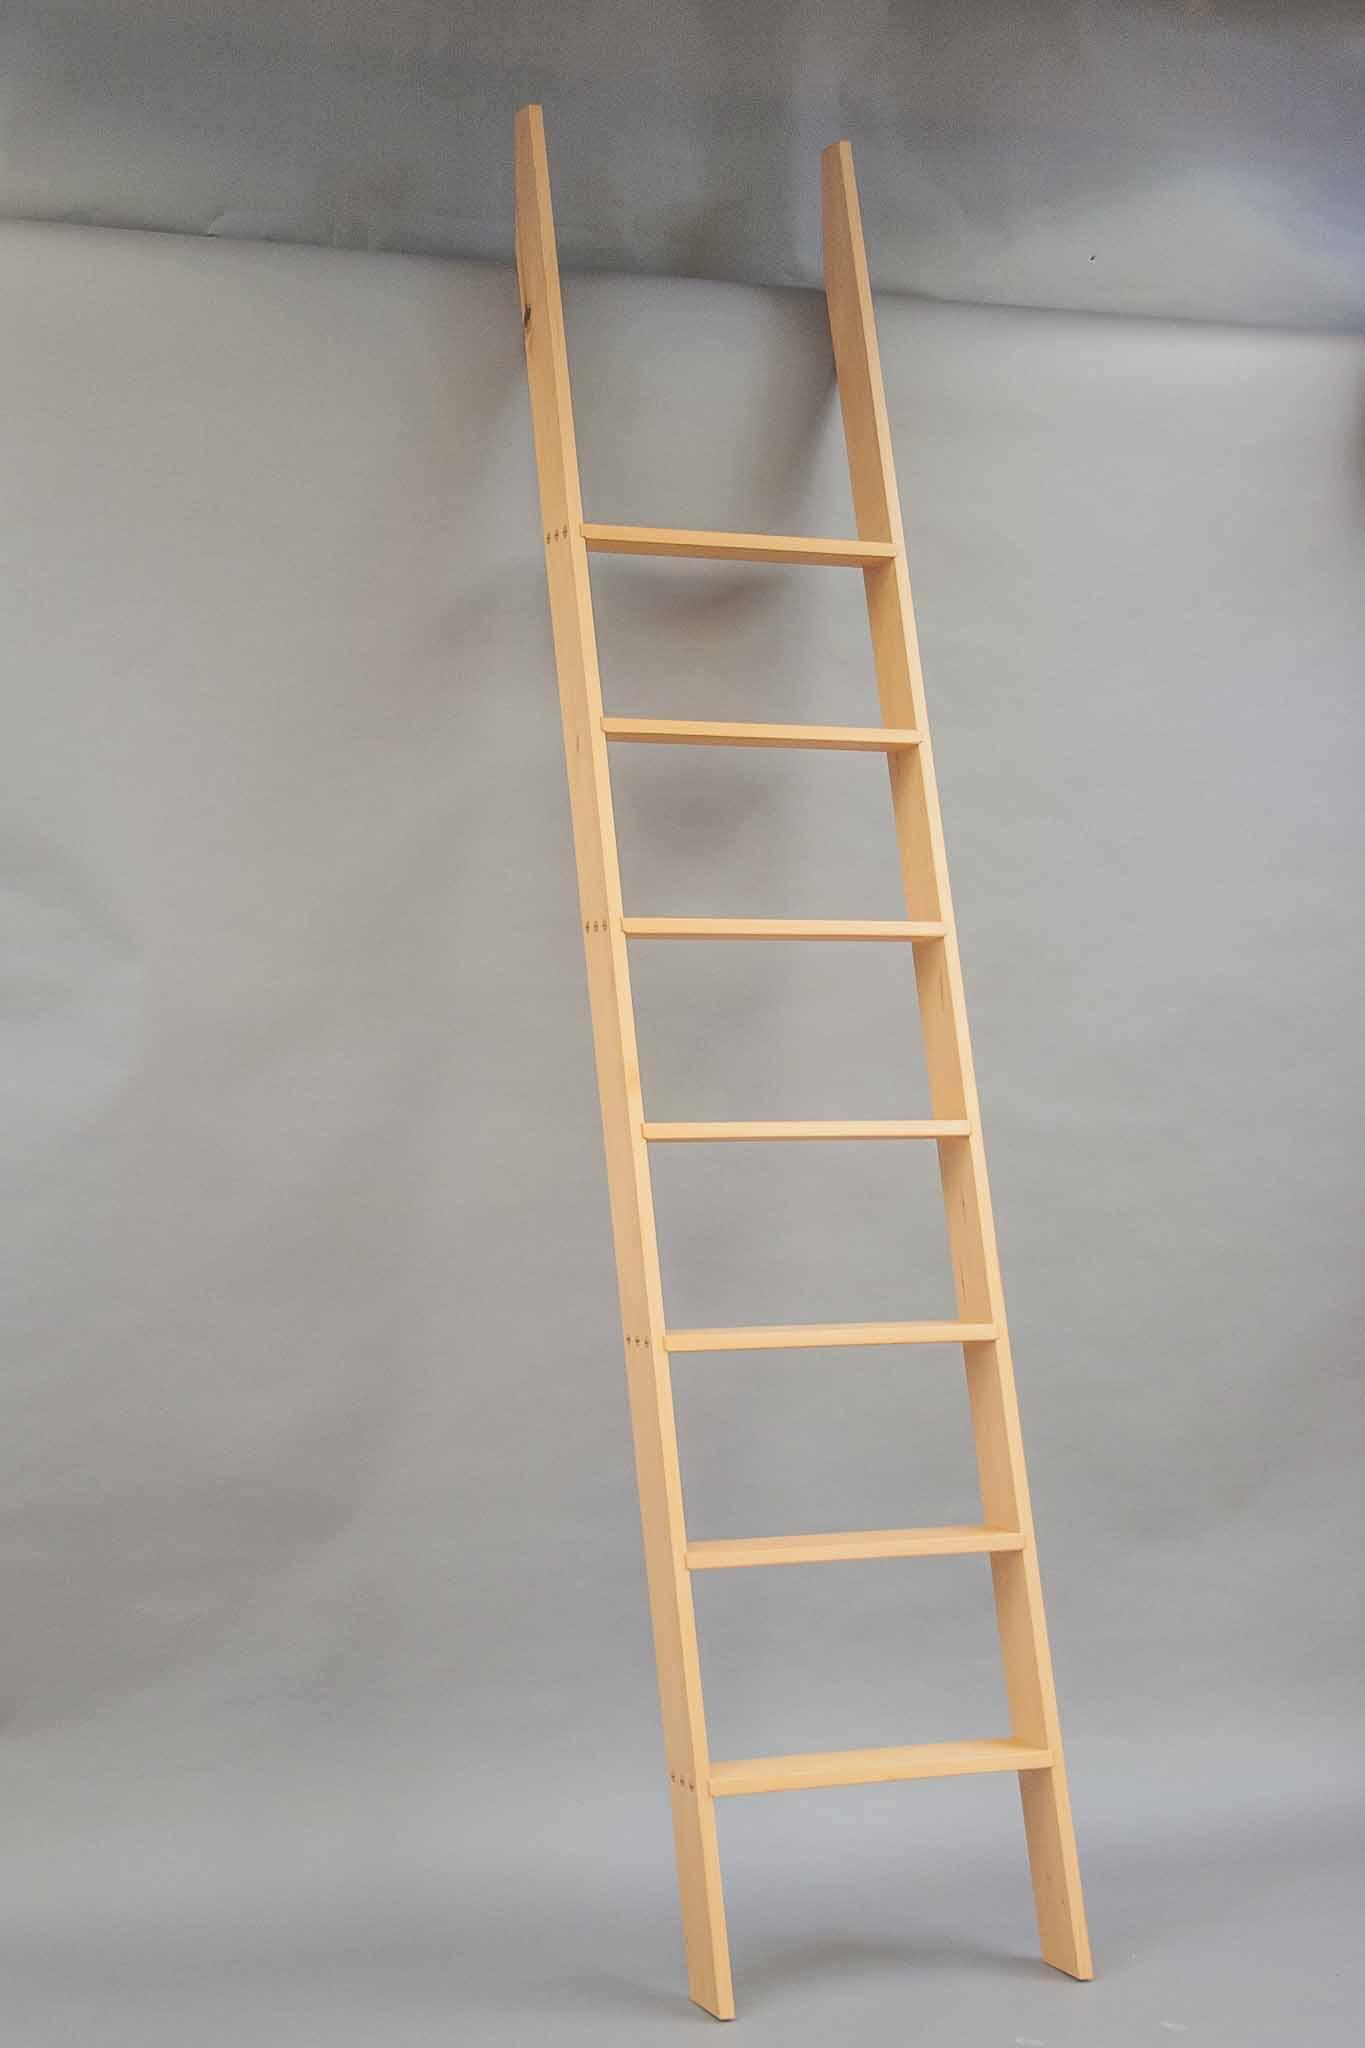 Loft ladder the krenov school of fine furniture for Ladder project